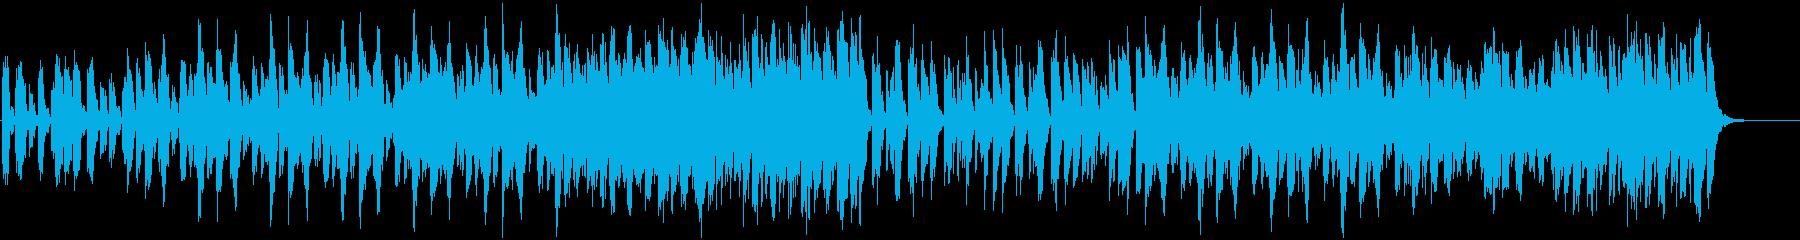 切なくて柔らかい鐘の音BGMの再生済みの波形